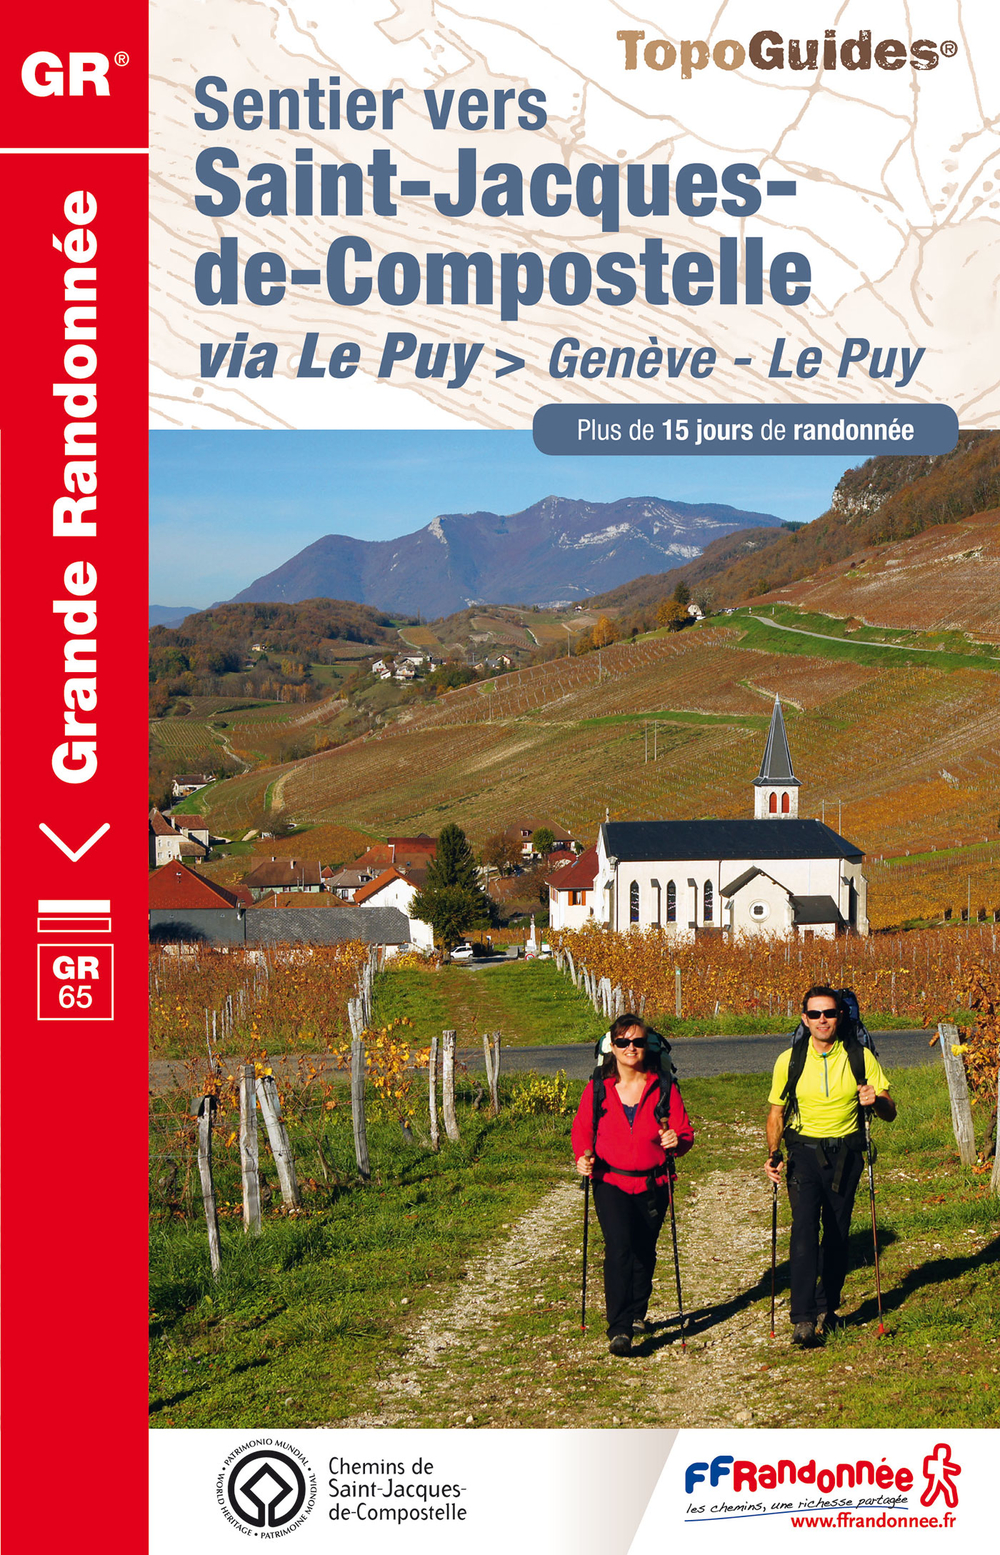 Sentier vers Saint-Jacques-de-Compostelle : Genève - Le Puy